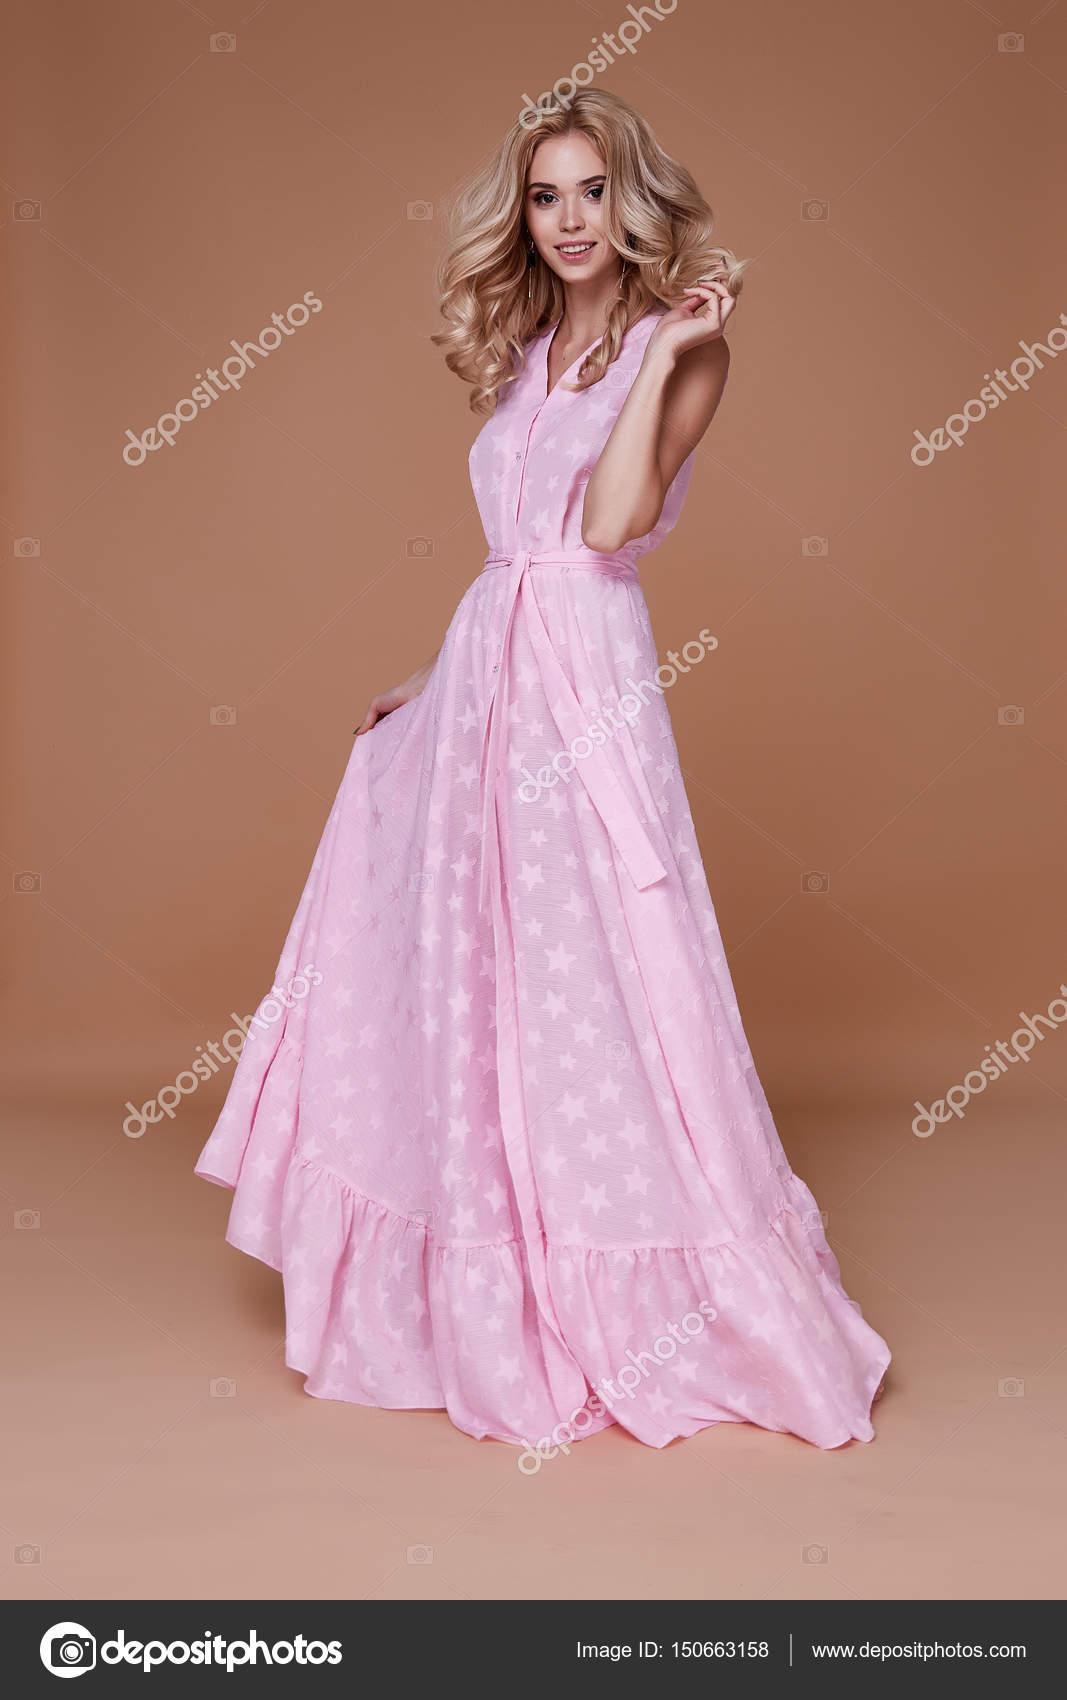 49fbe62a491b Sexig skönhet kvinna vackra ansikte tan huden slitage baby rosa  sidenklänning — Stockfoto